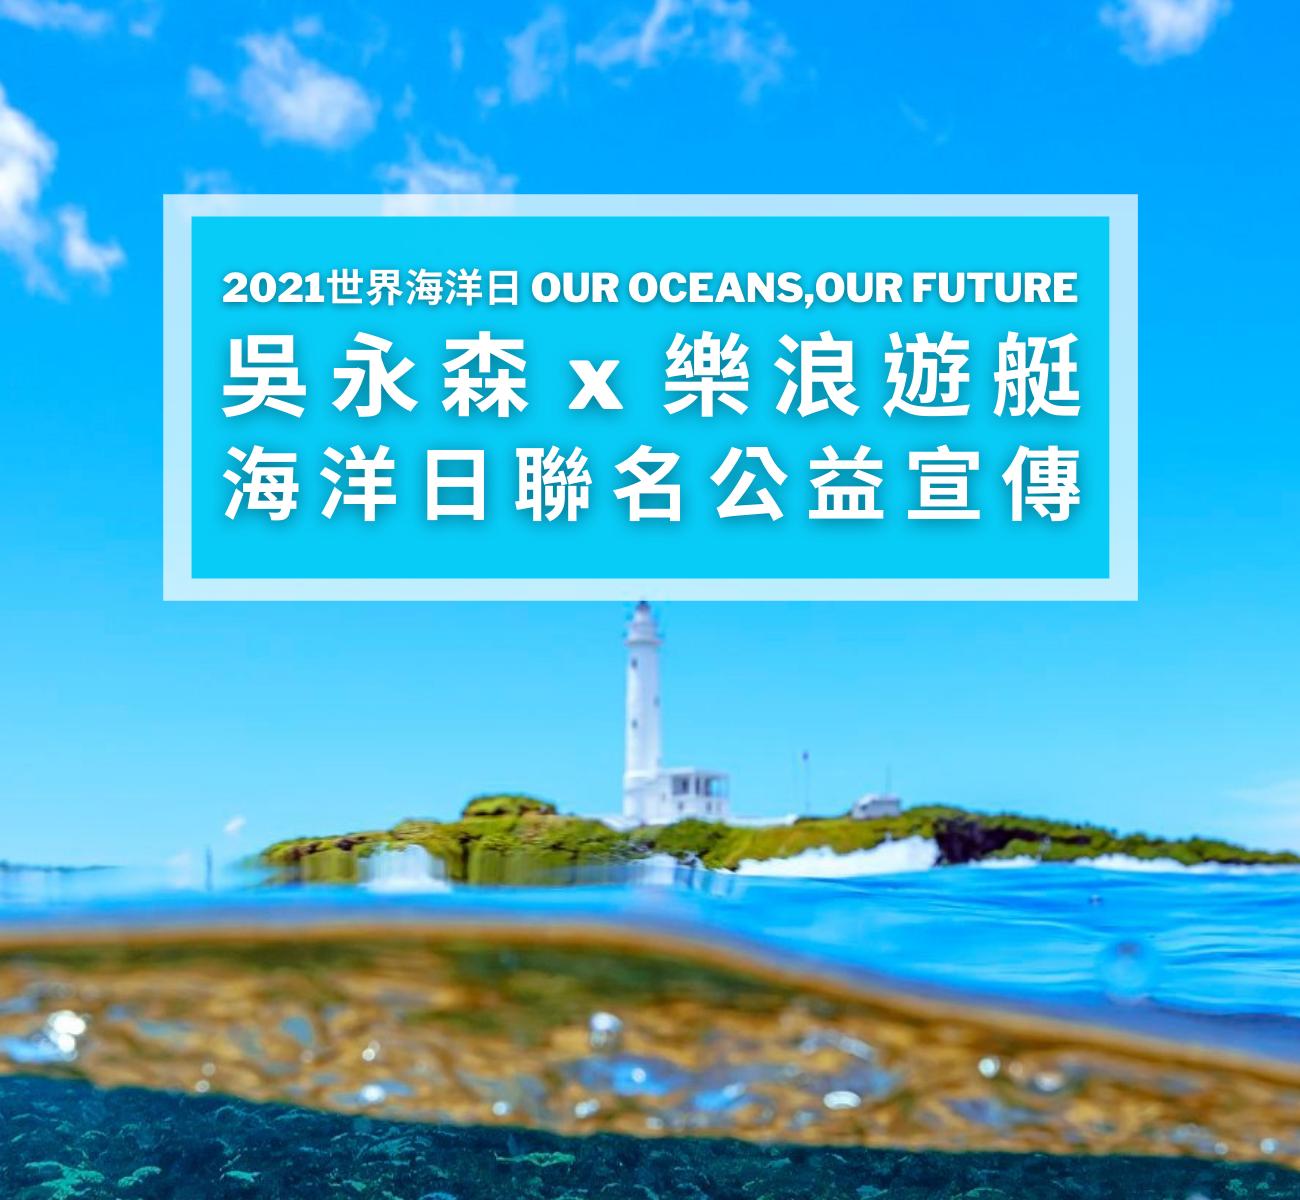 2021國際世界海洋日,吳永森公益聯名宣傳活動